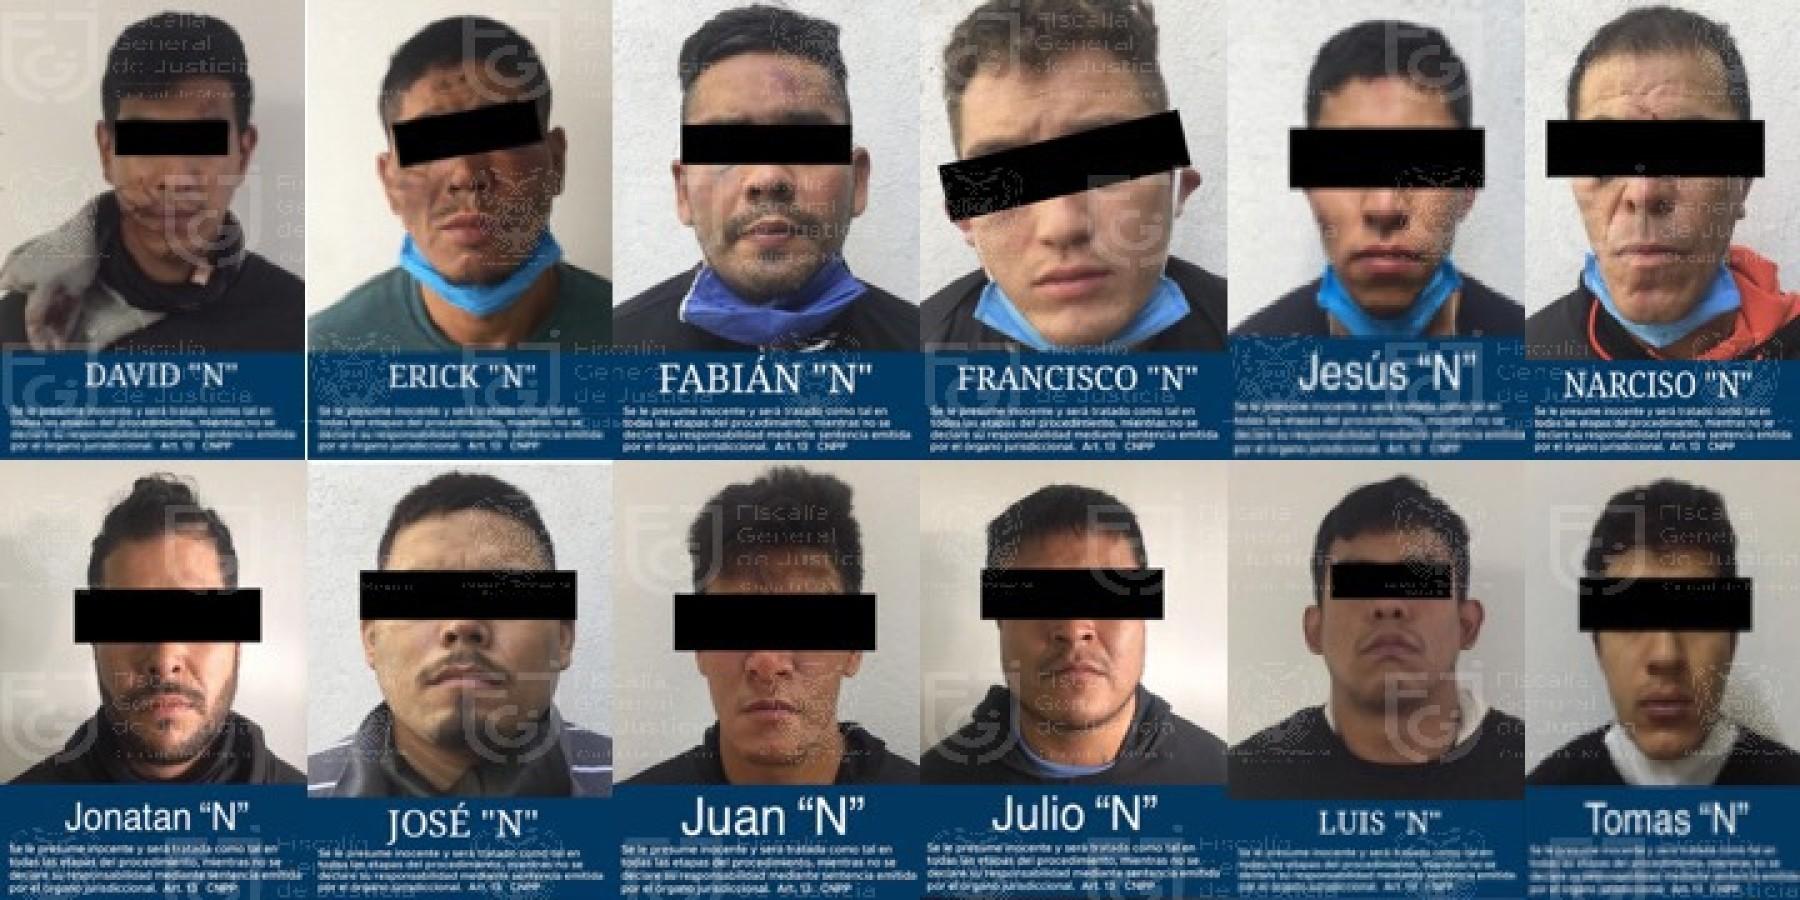 Tras atentado contra García Harfuch, UIF ordena suspender cuentas de implicados y de sus familiares; los detenidos declararon haber recibido un pago de 100 mil pesos